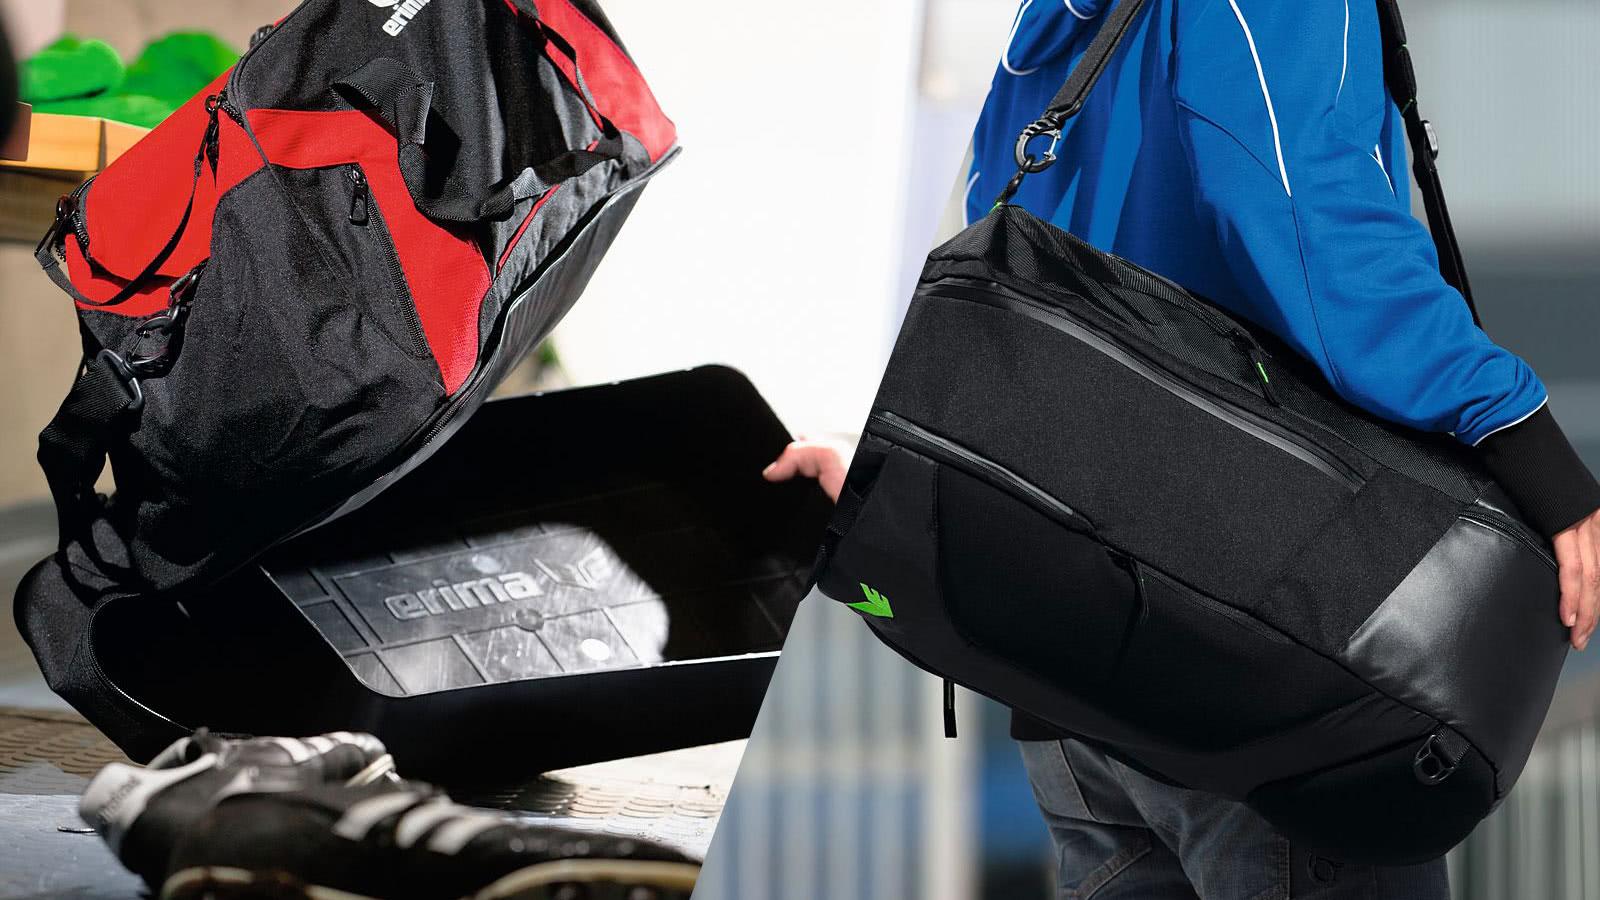 Sporttasche mit Bodenfach und Sporttasche mit Seitenfach